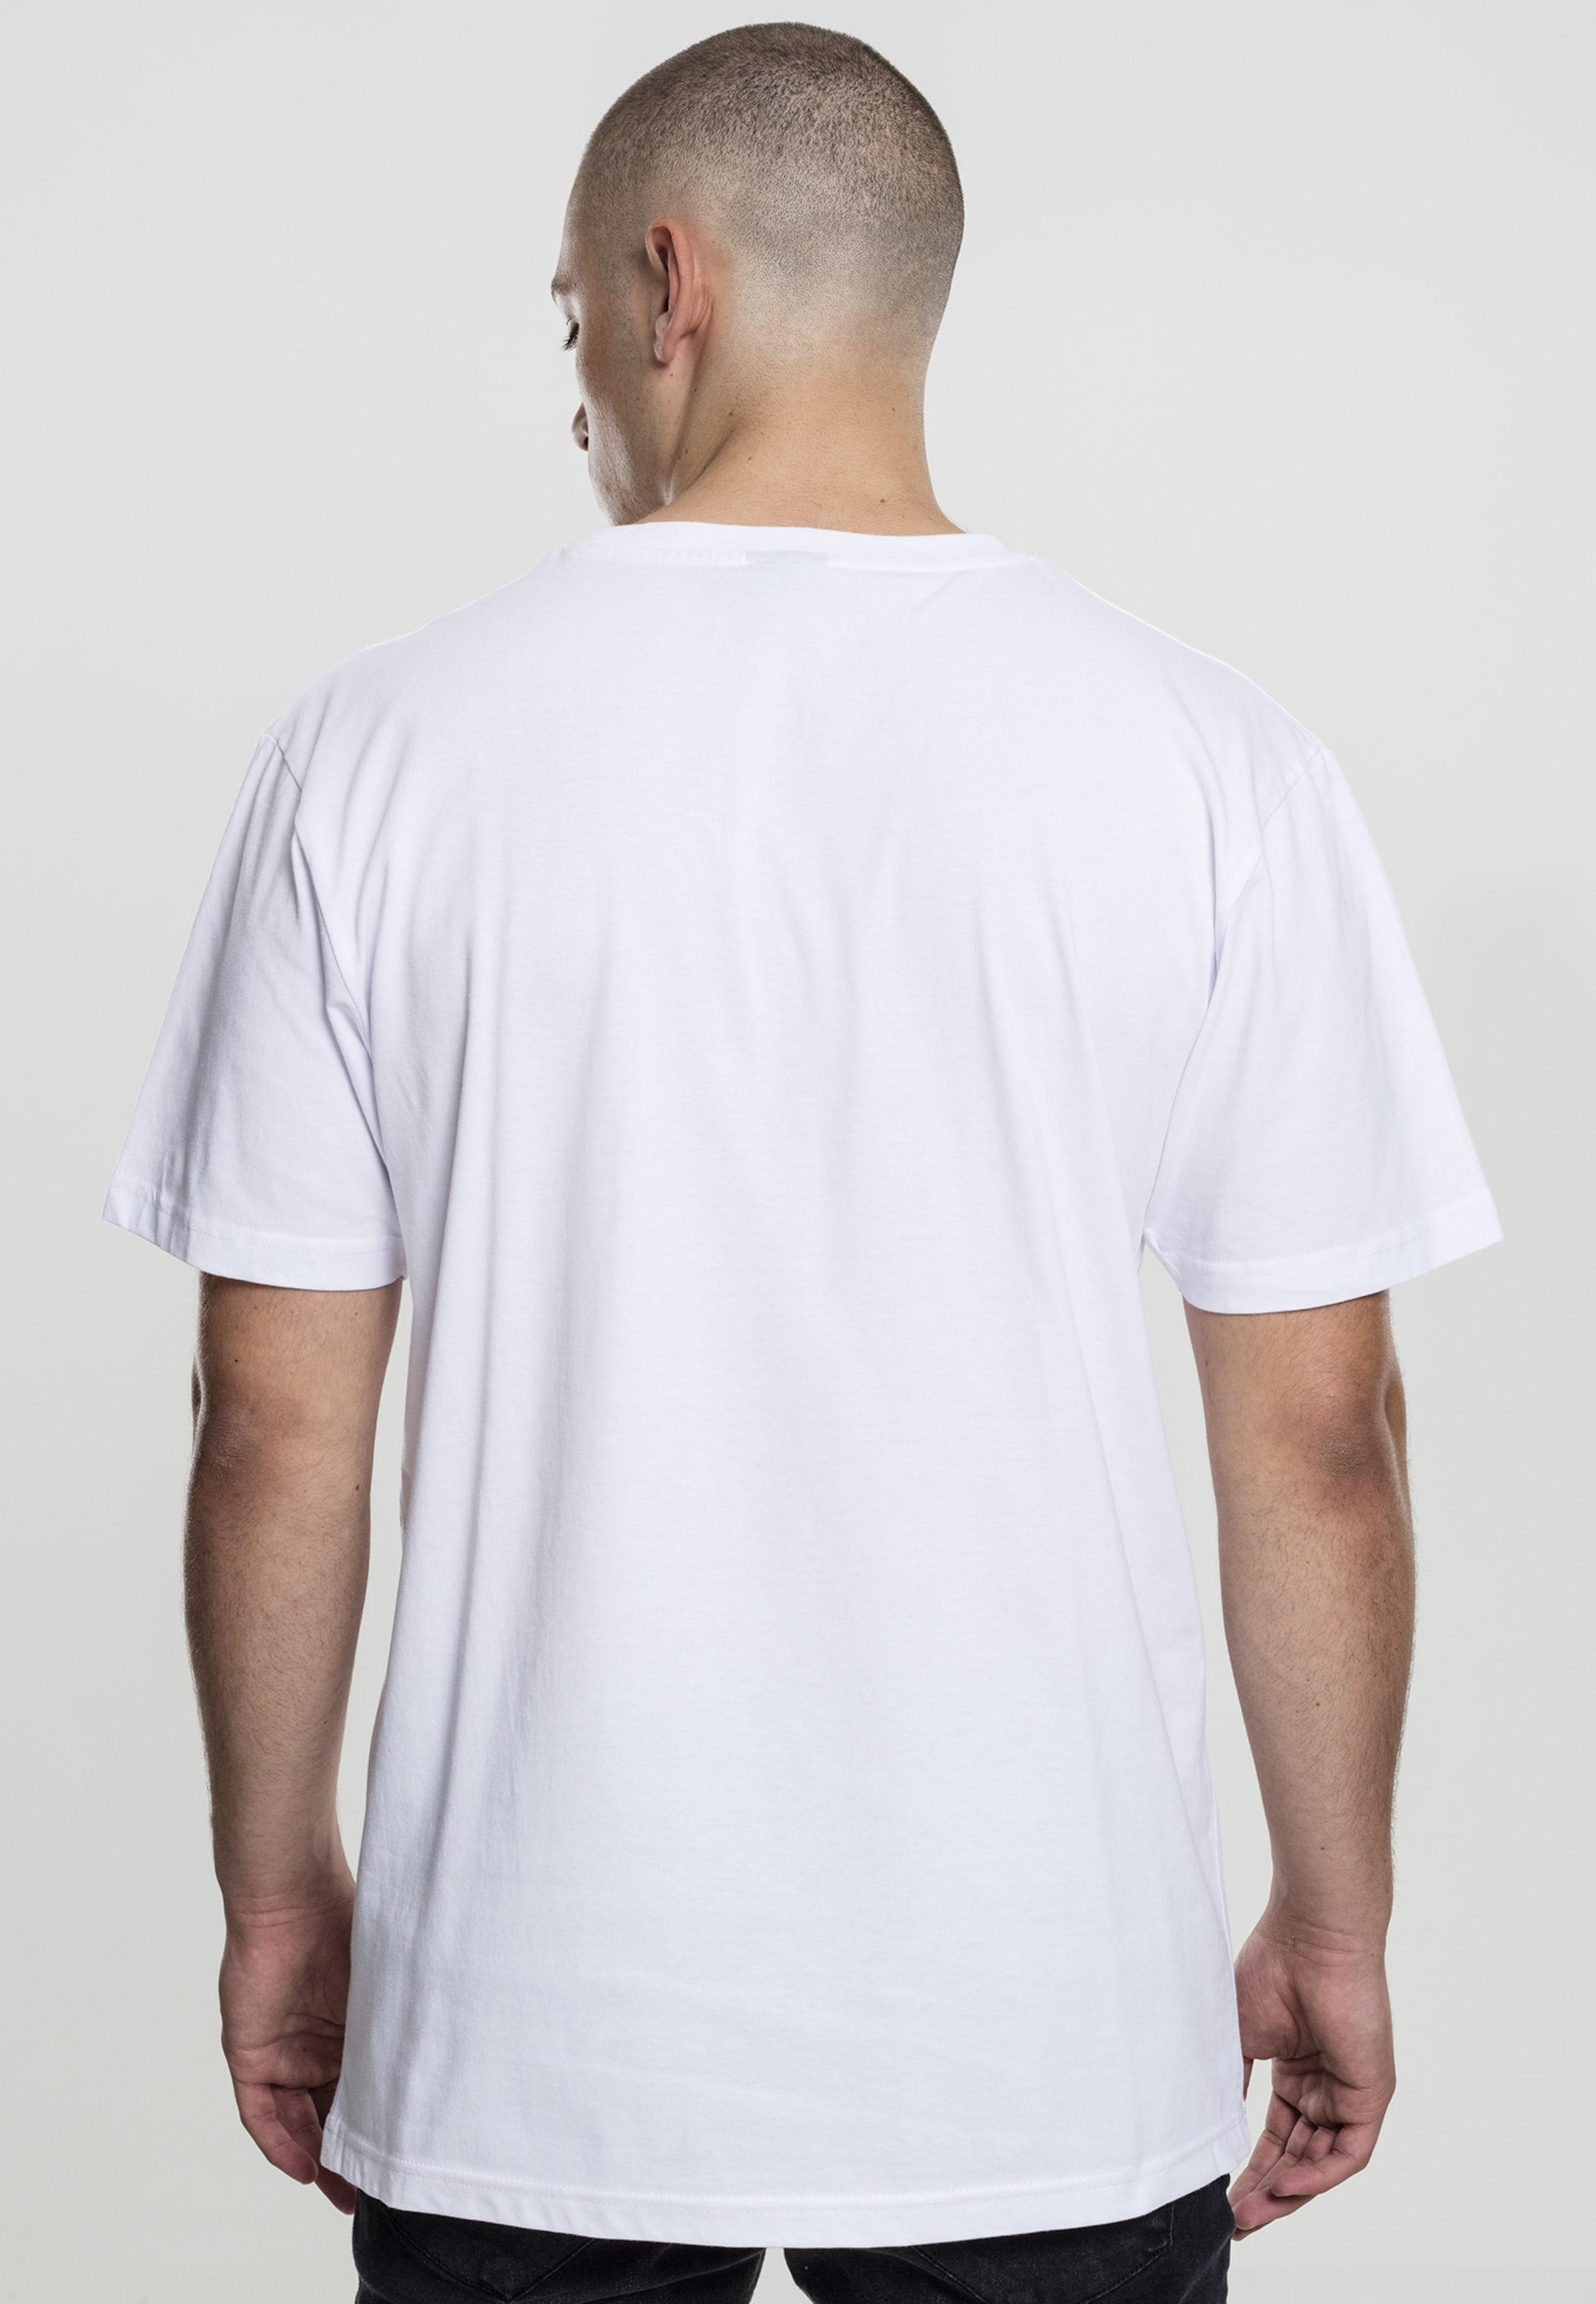 'flamingo' Weiß Tee T shirt Hellpink GelbGrün Mister In tQdsrhC